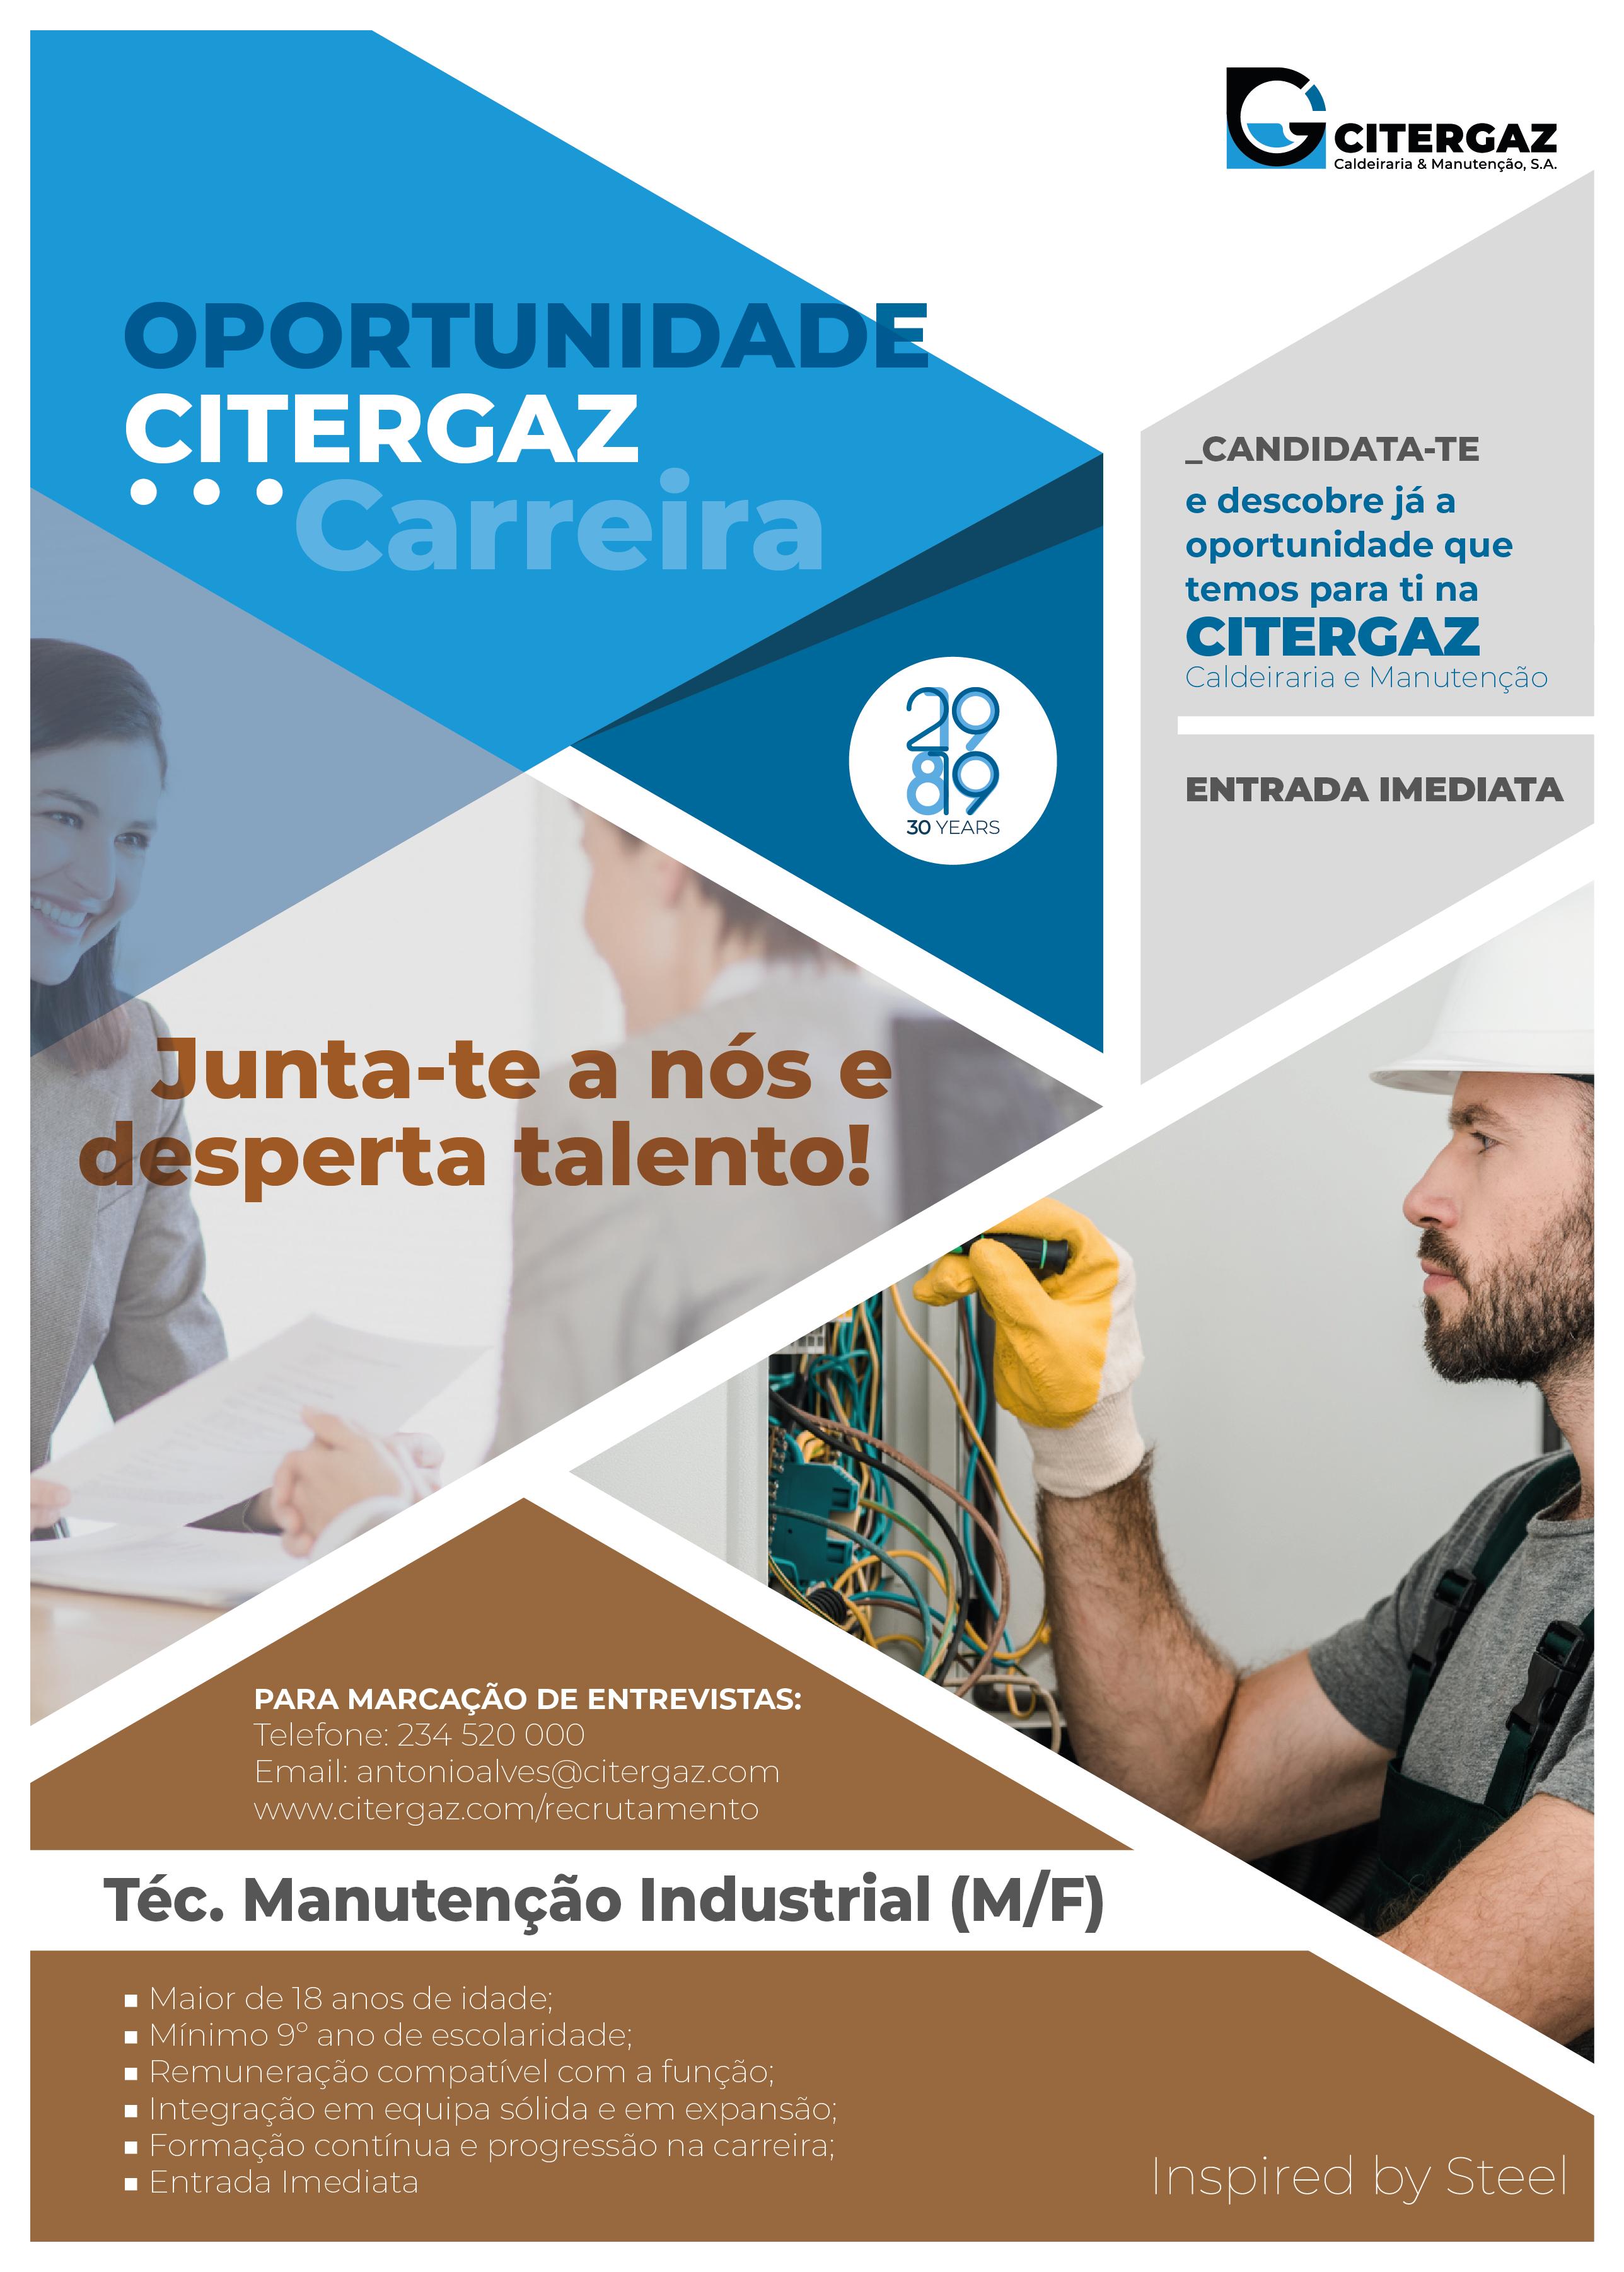 Técnico de Manutenção Industrial (M/F)